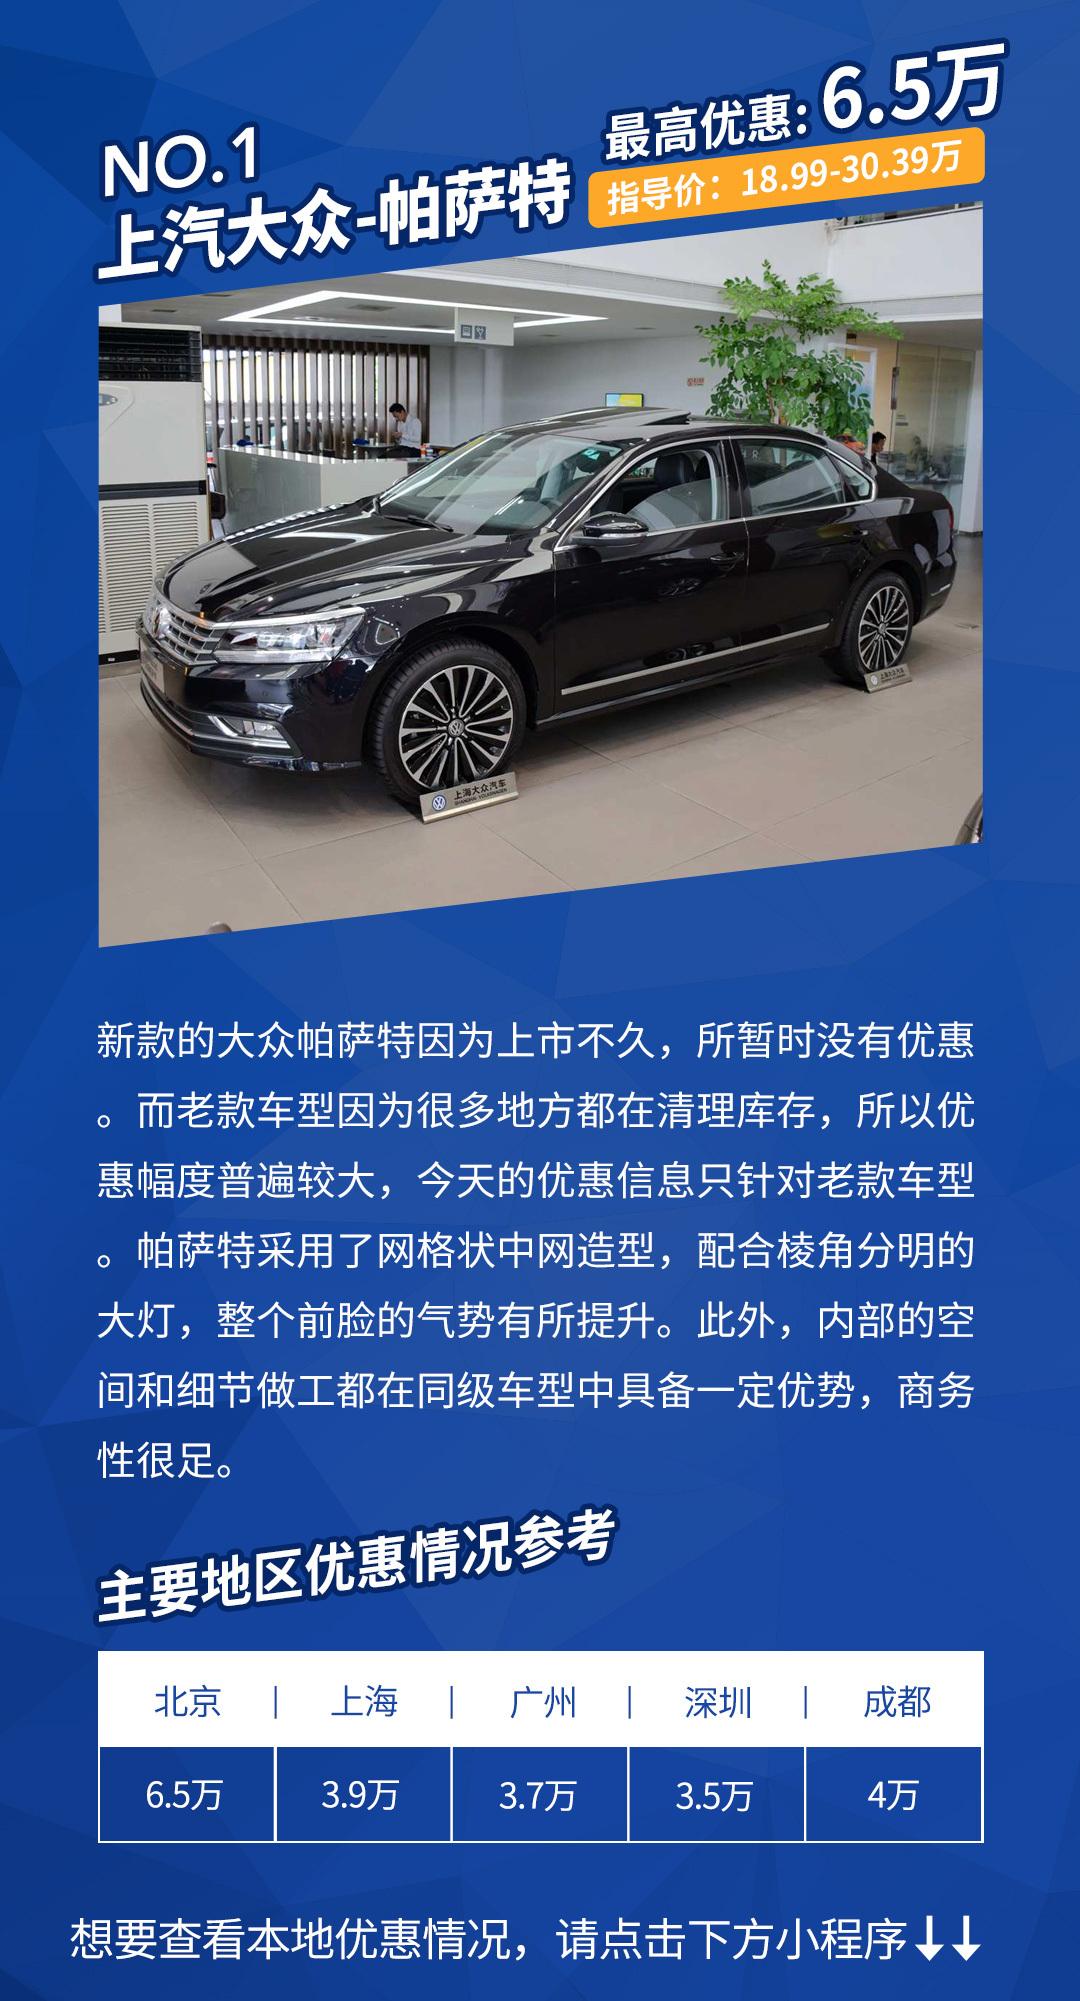 多款20万级热销家用车优惠4-6万年底买车该出手了_七星彩开结果奖